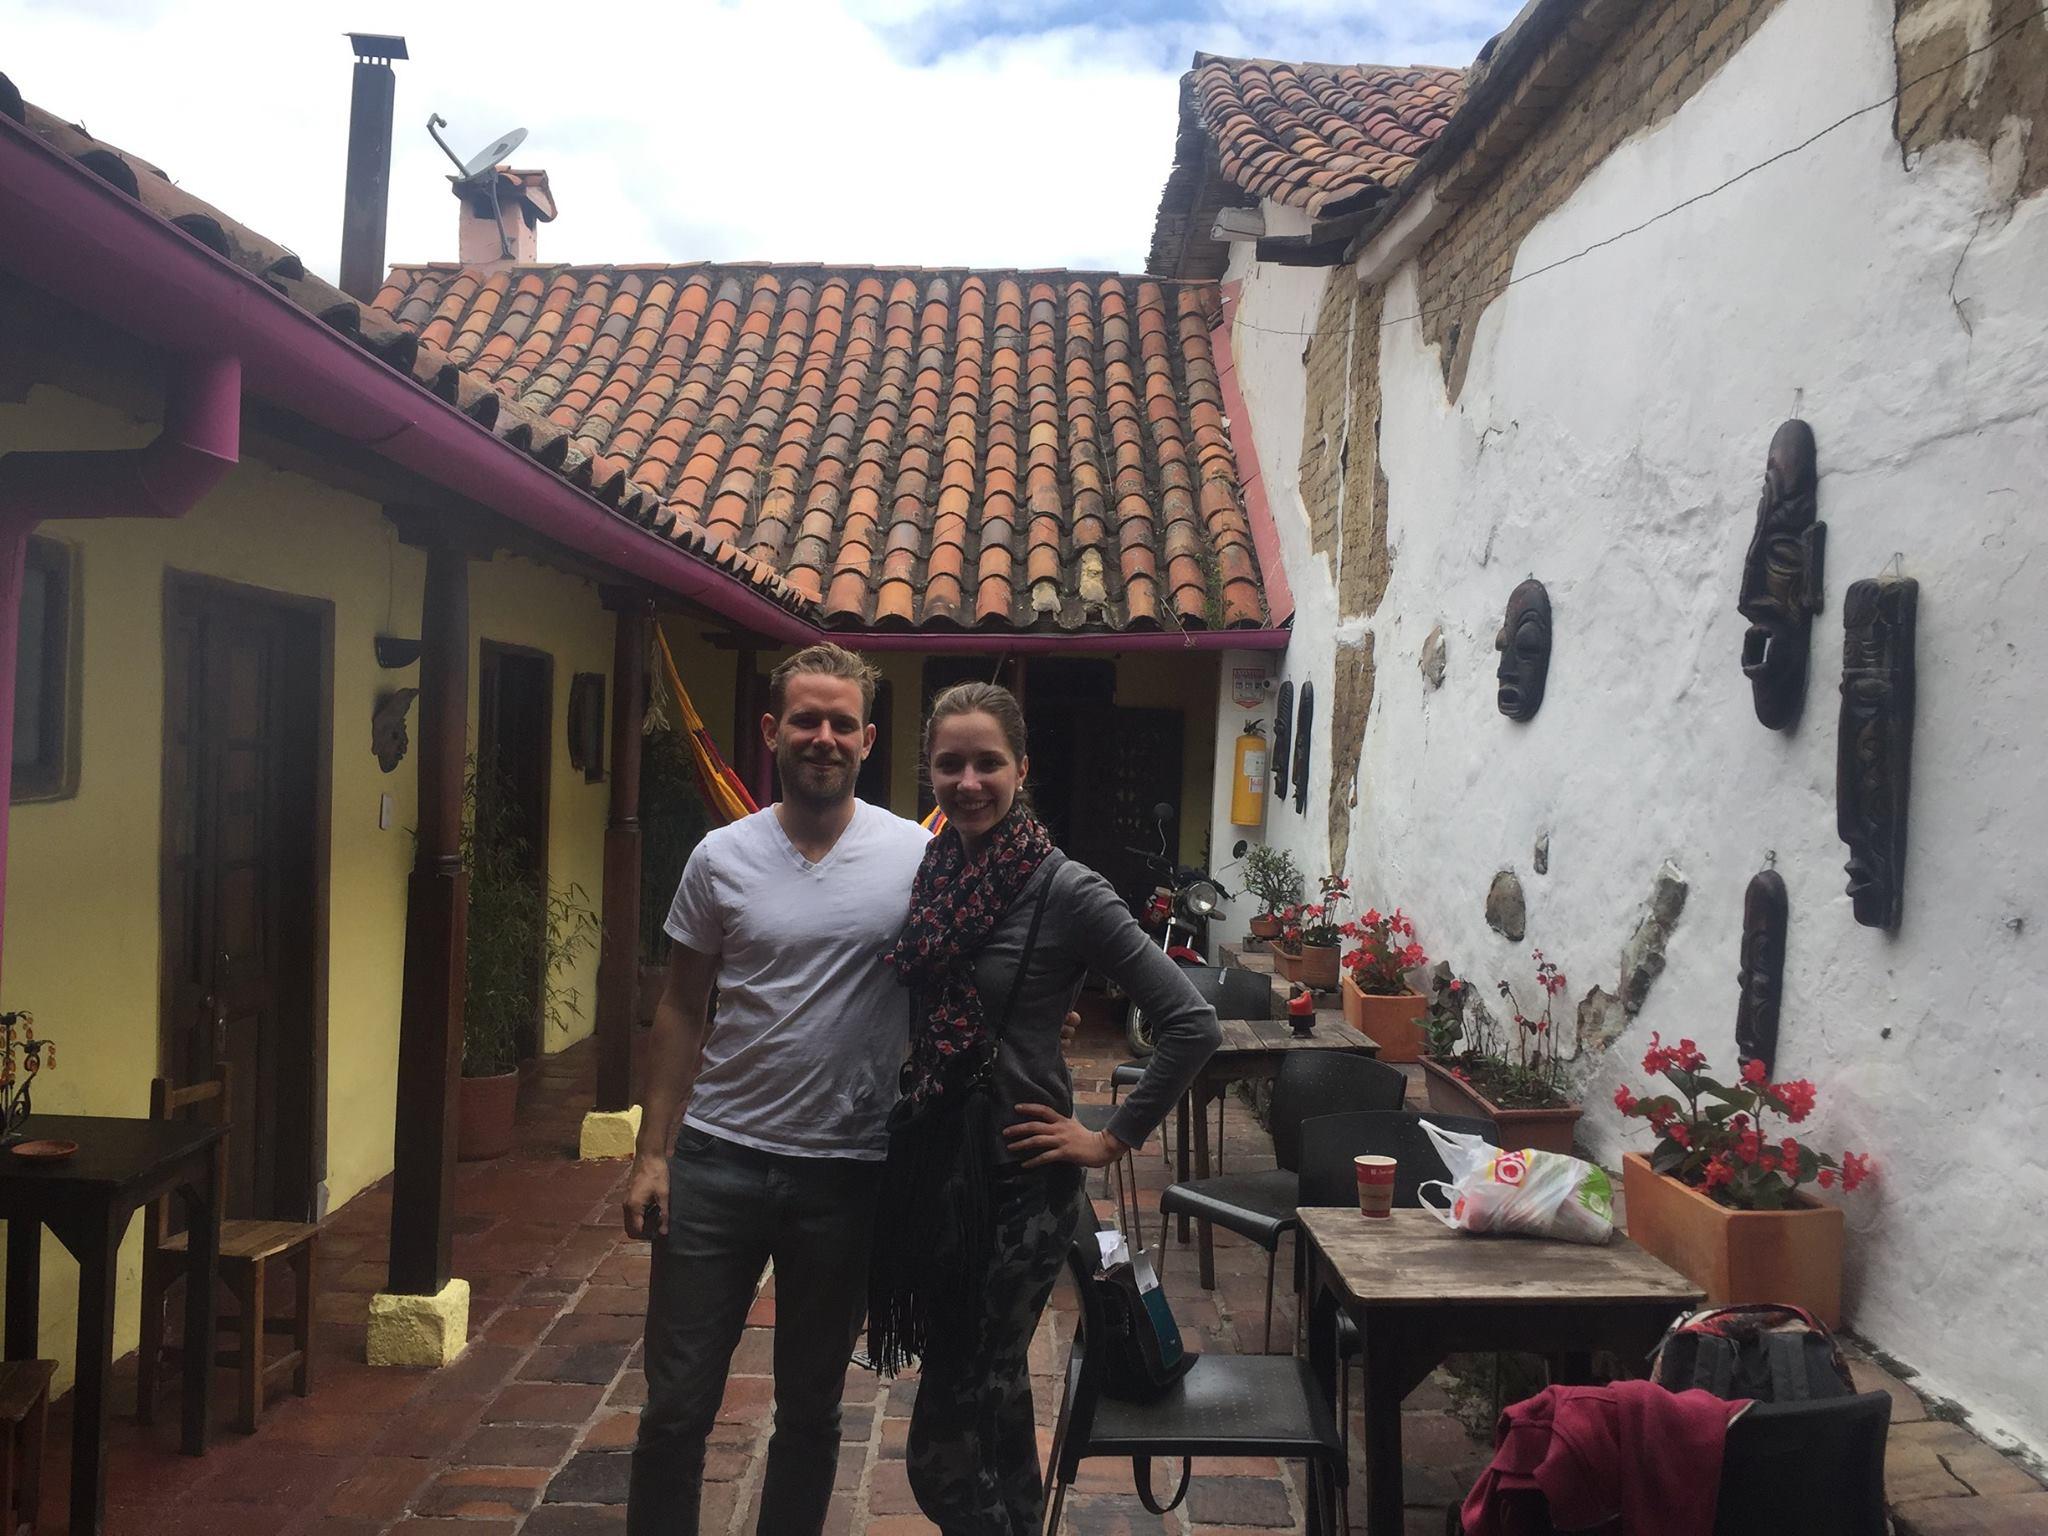 My friend Monika & another traveler - Alegría's hostel.